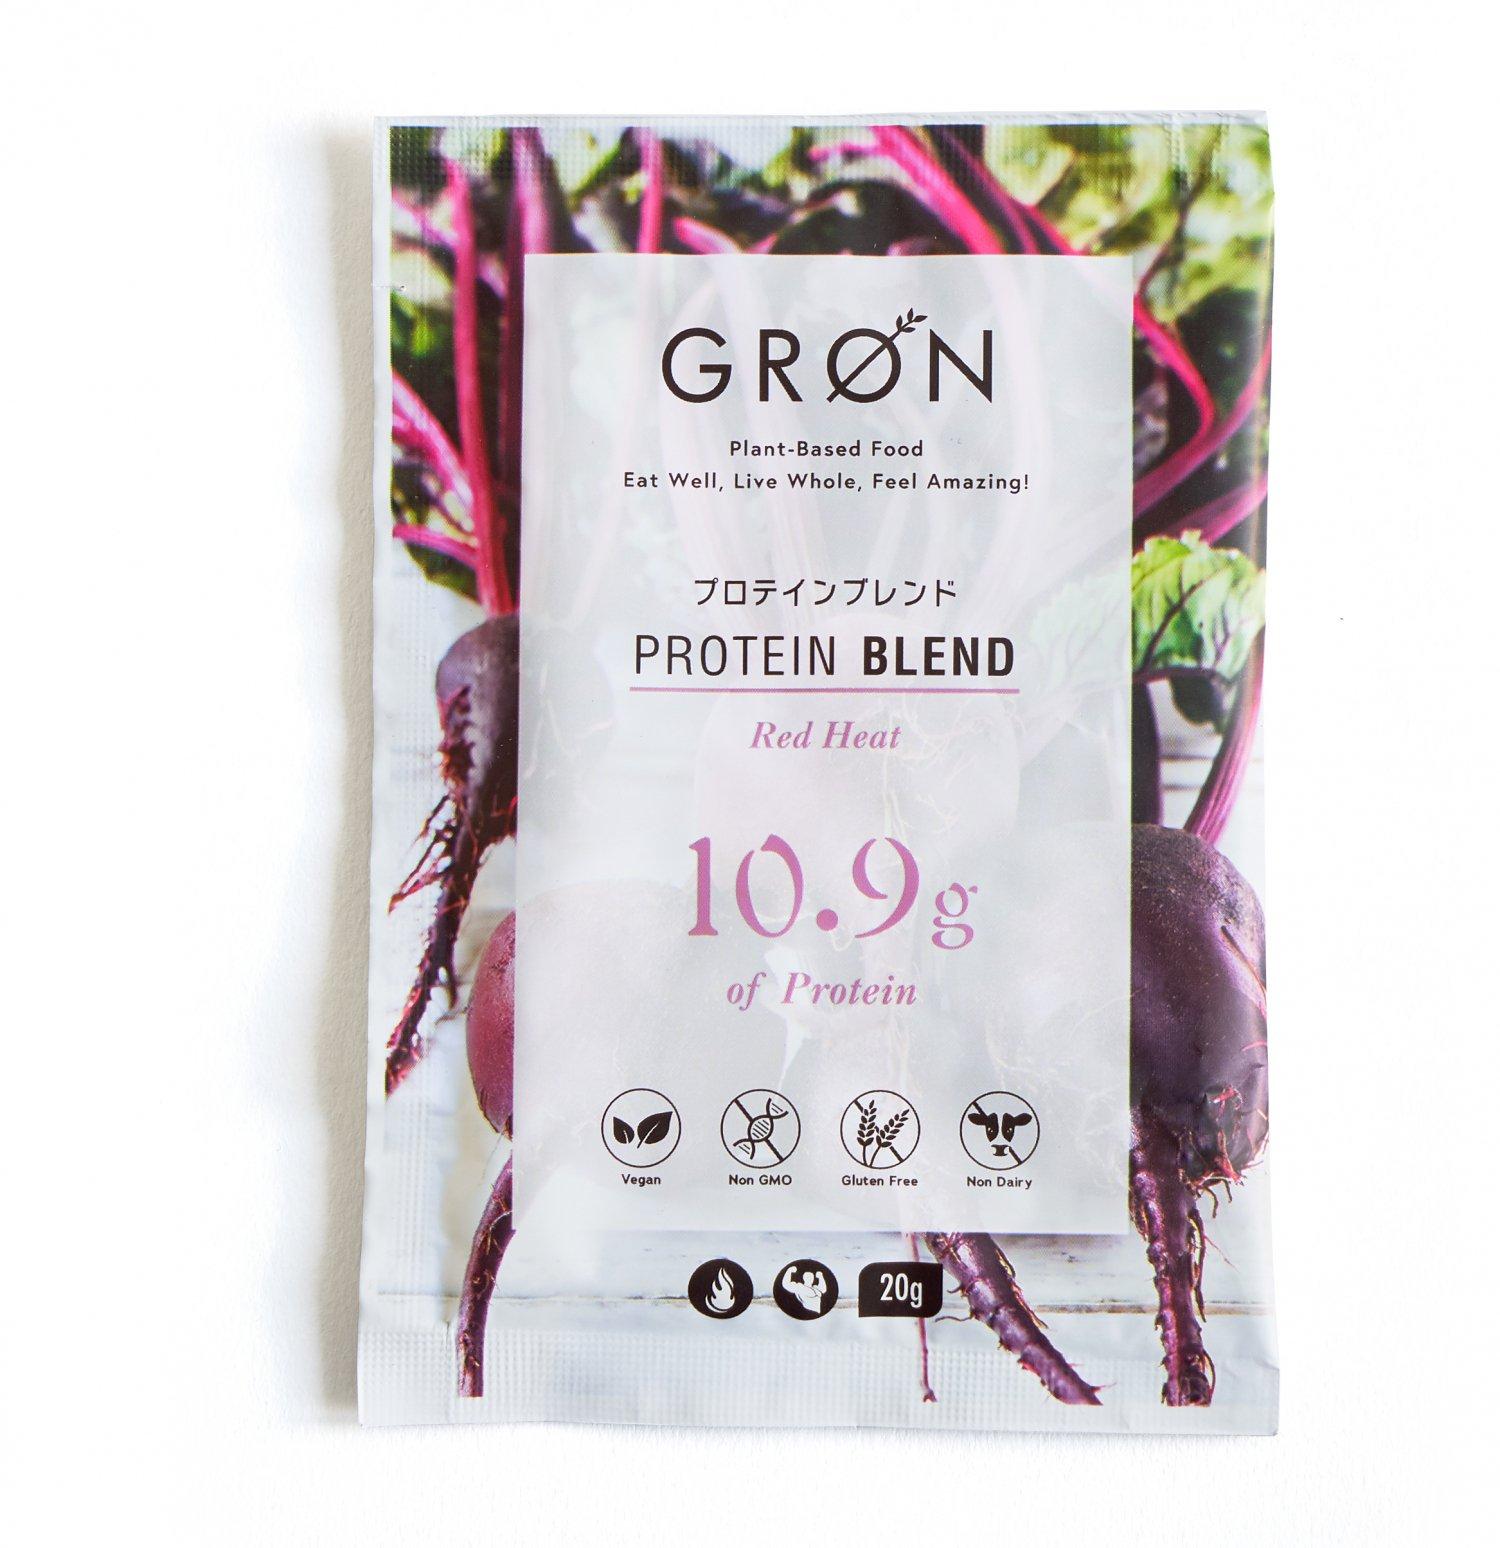 【GRON】プロテイン レッドヒート 20g 個包装